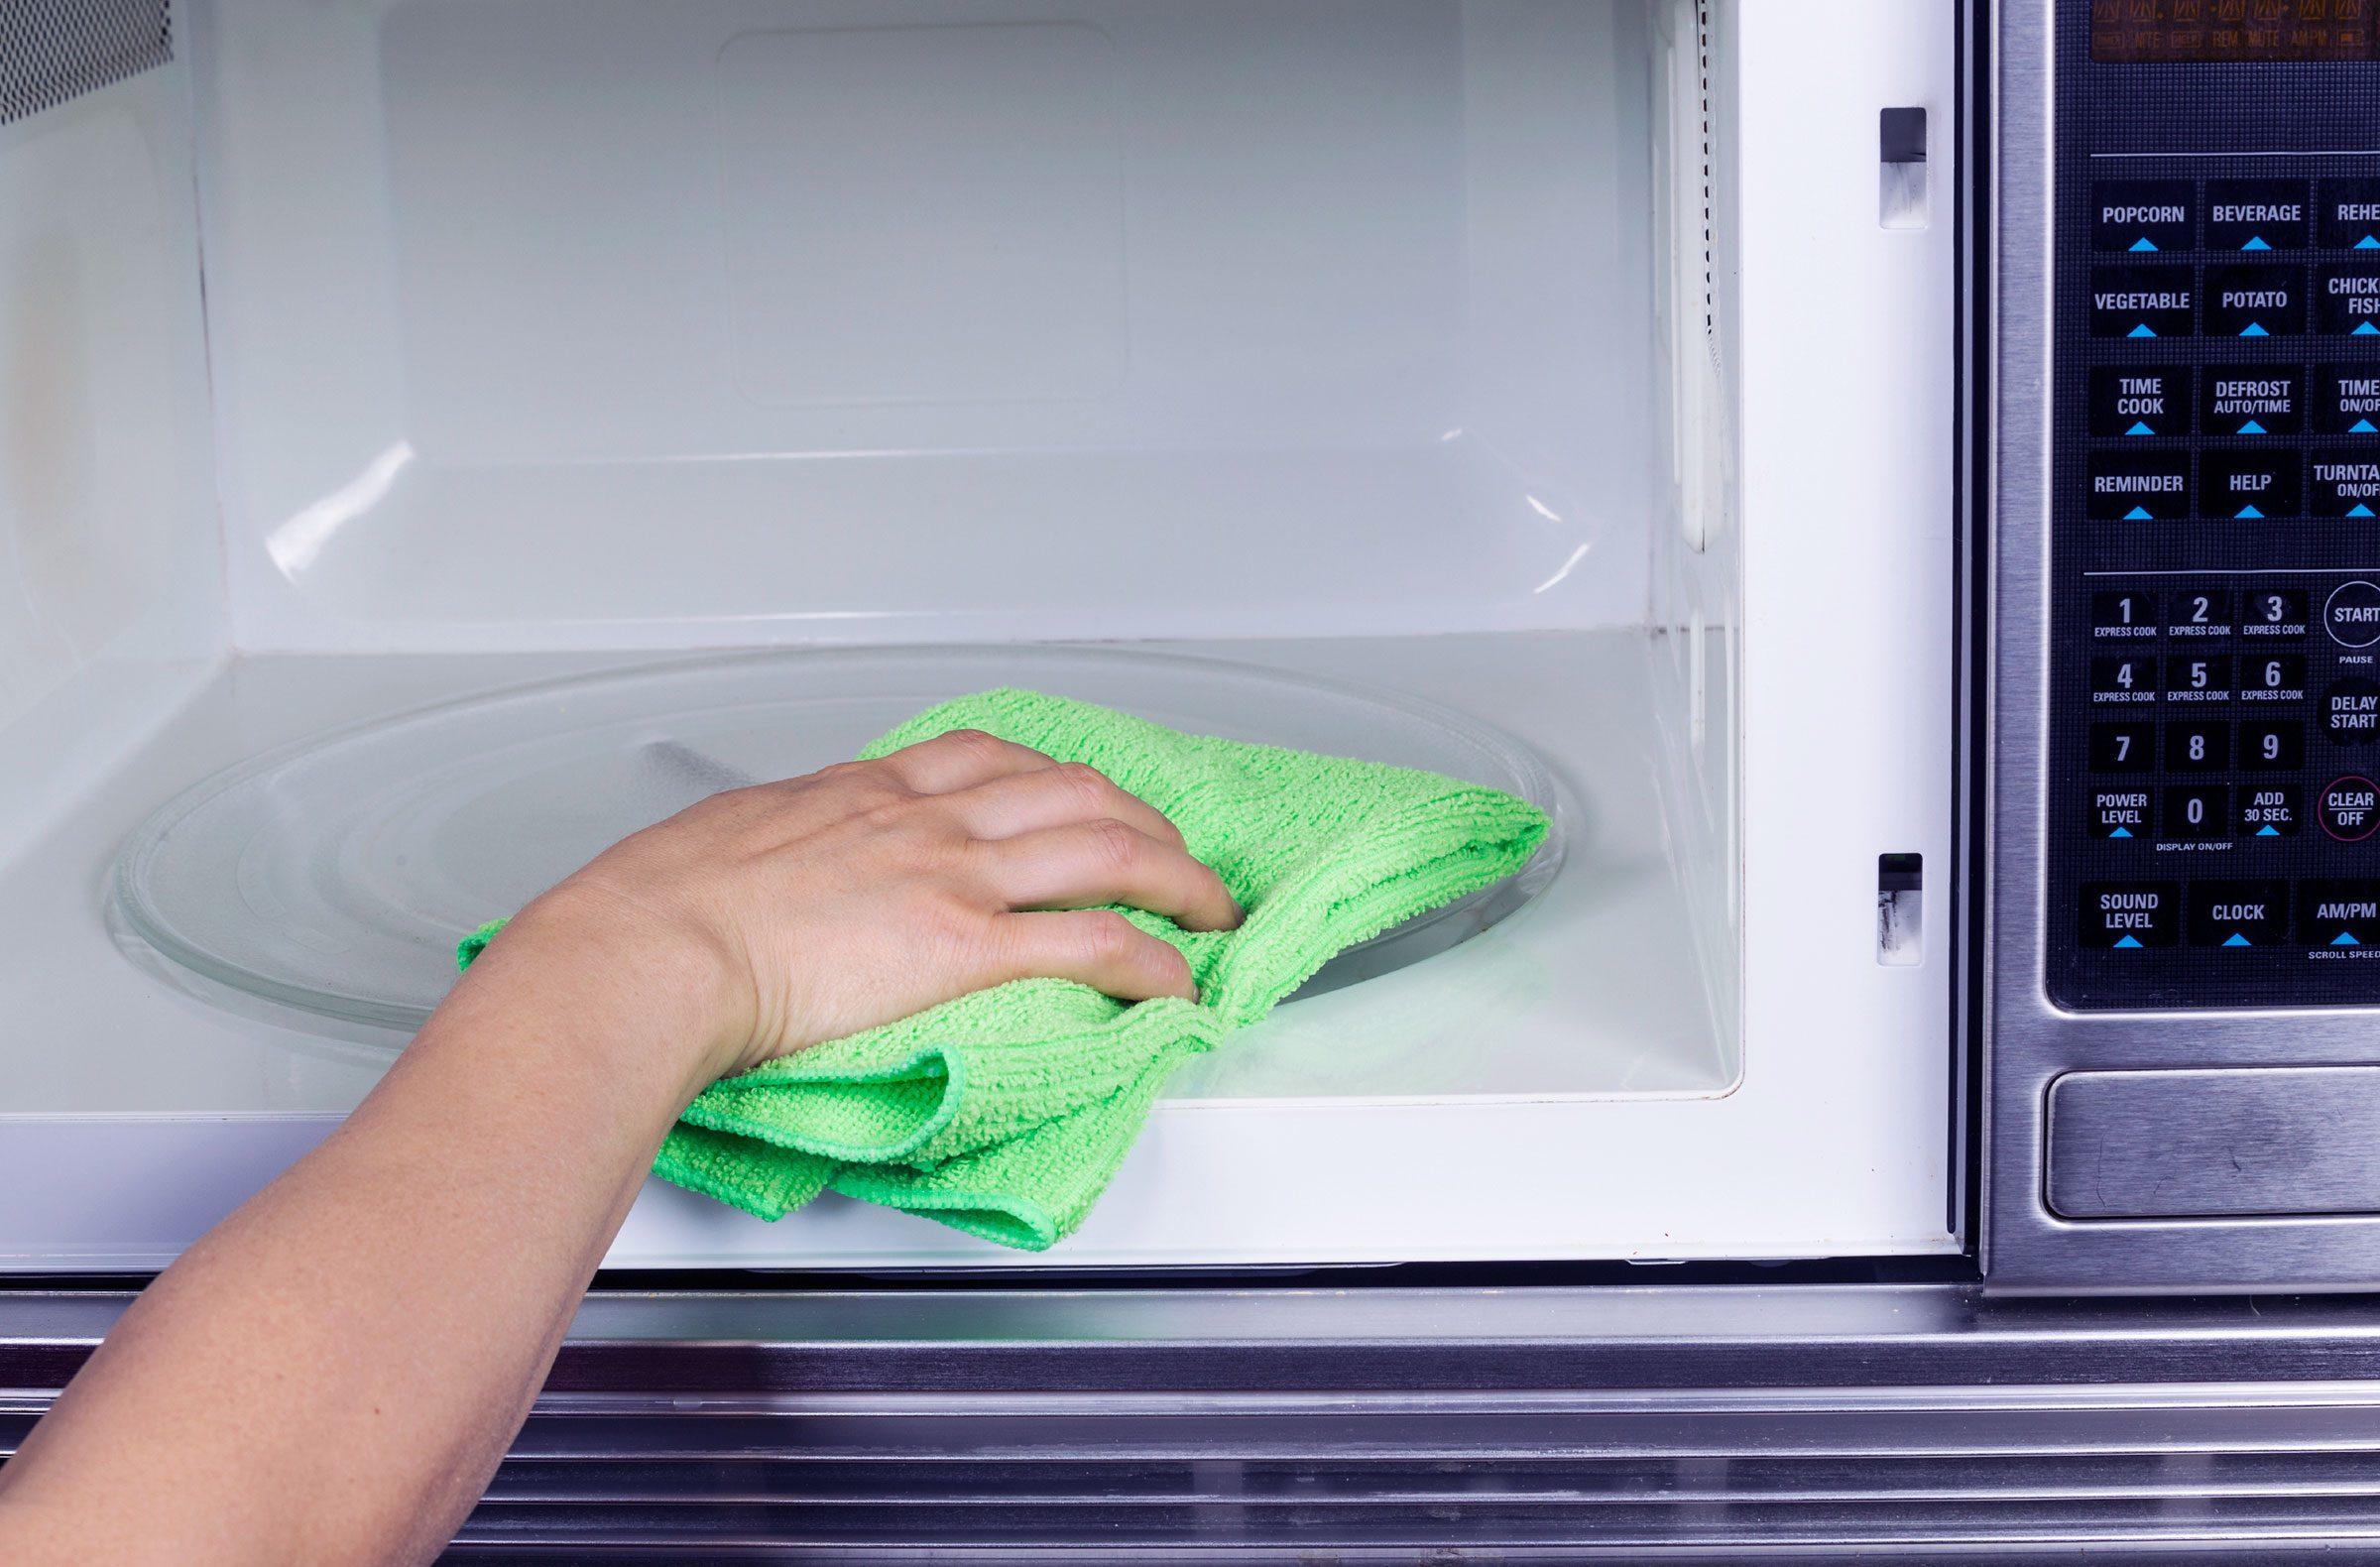 13 trucs de pro pour nettoyer la maison - Nettoyer canape tissu bicarbonate de soude ...